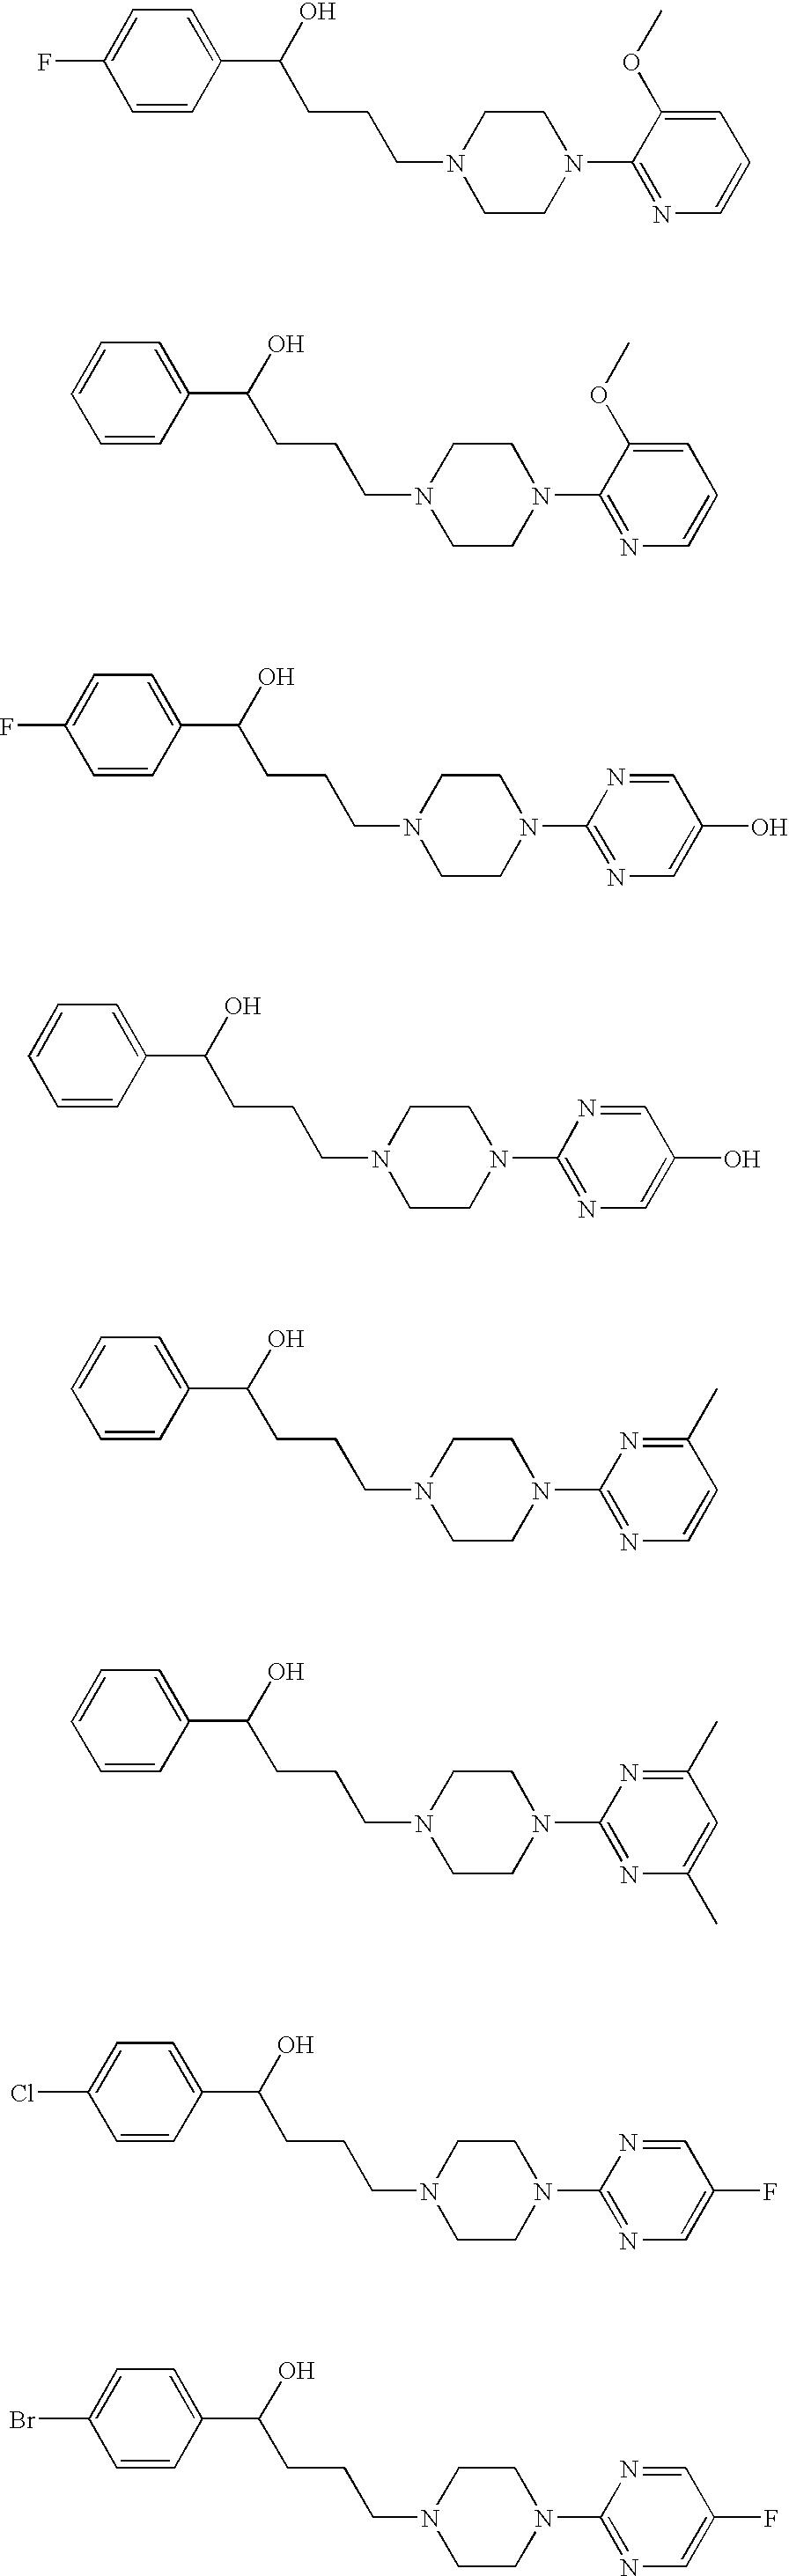 Figure US20100009983A1-20100114-C00042